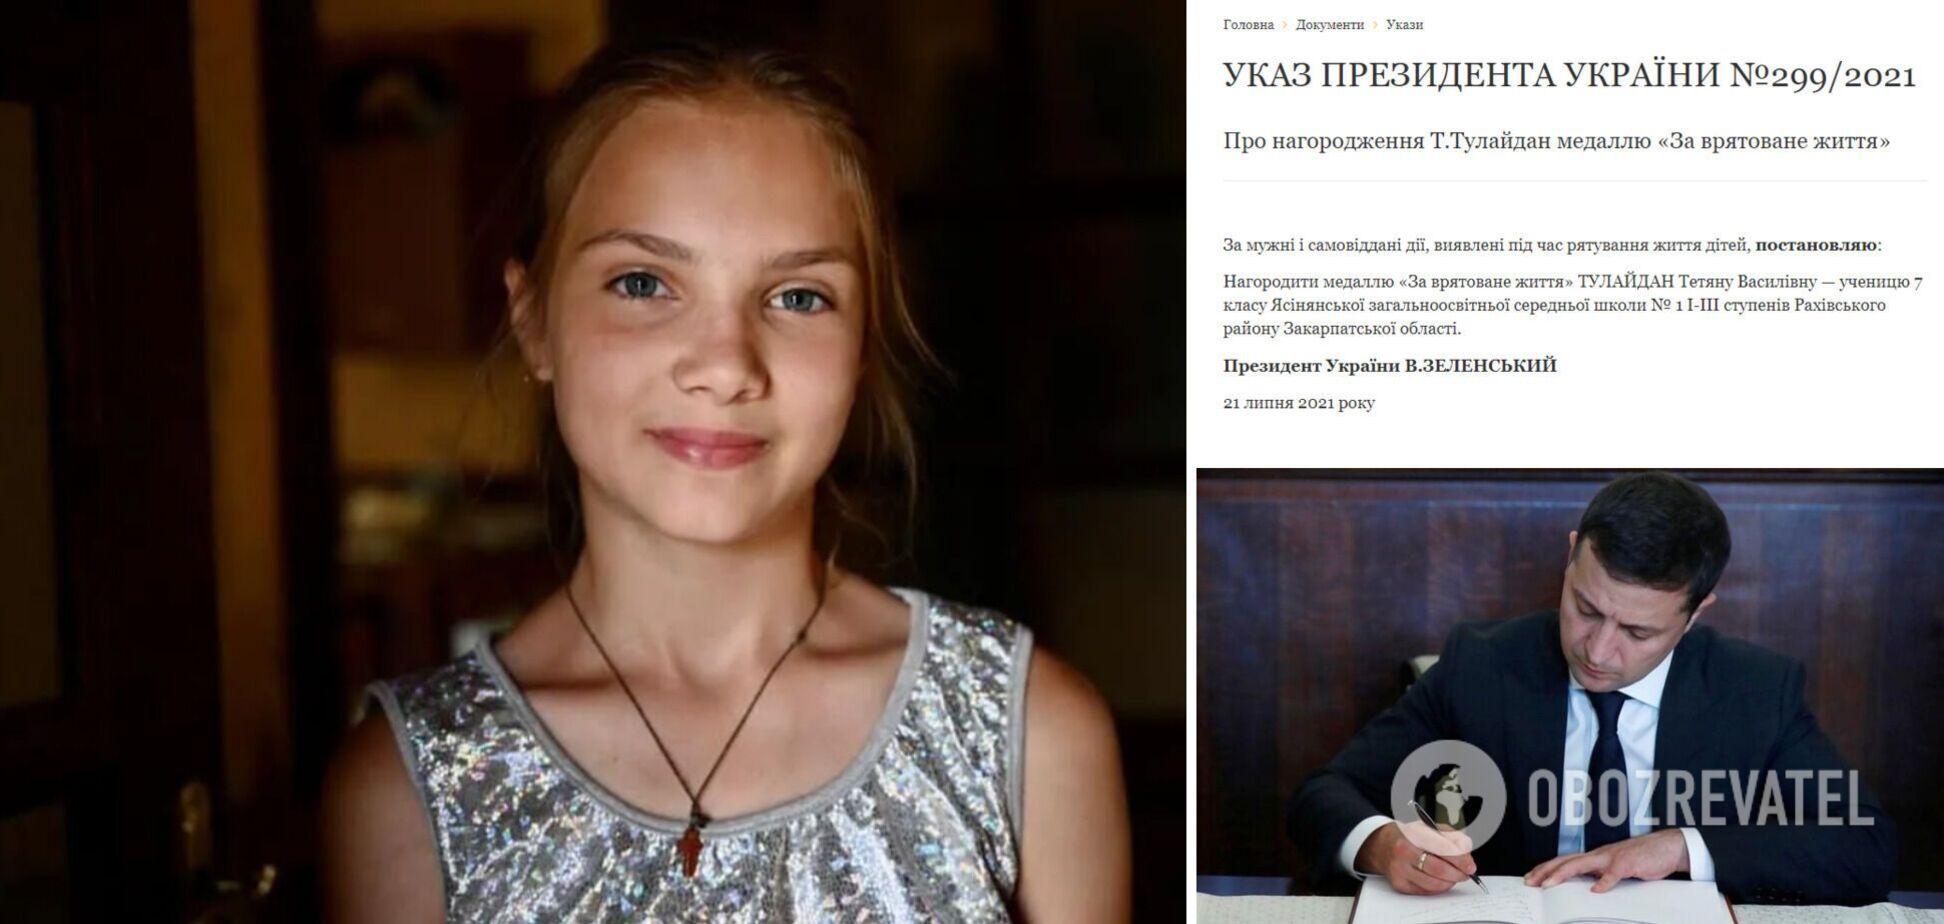 Девочка, спасшая на Закарпатье четверых детей, получила медаль от Зеленского. Документ